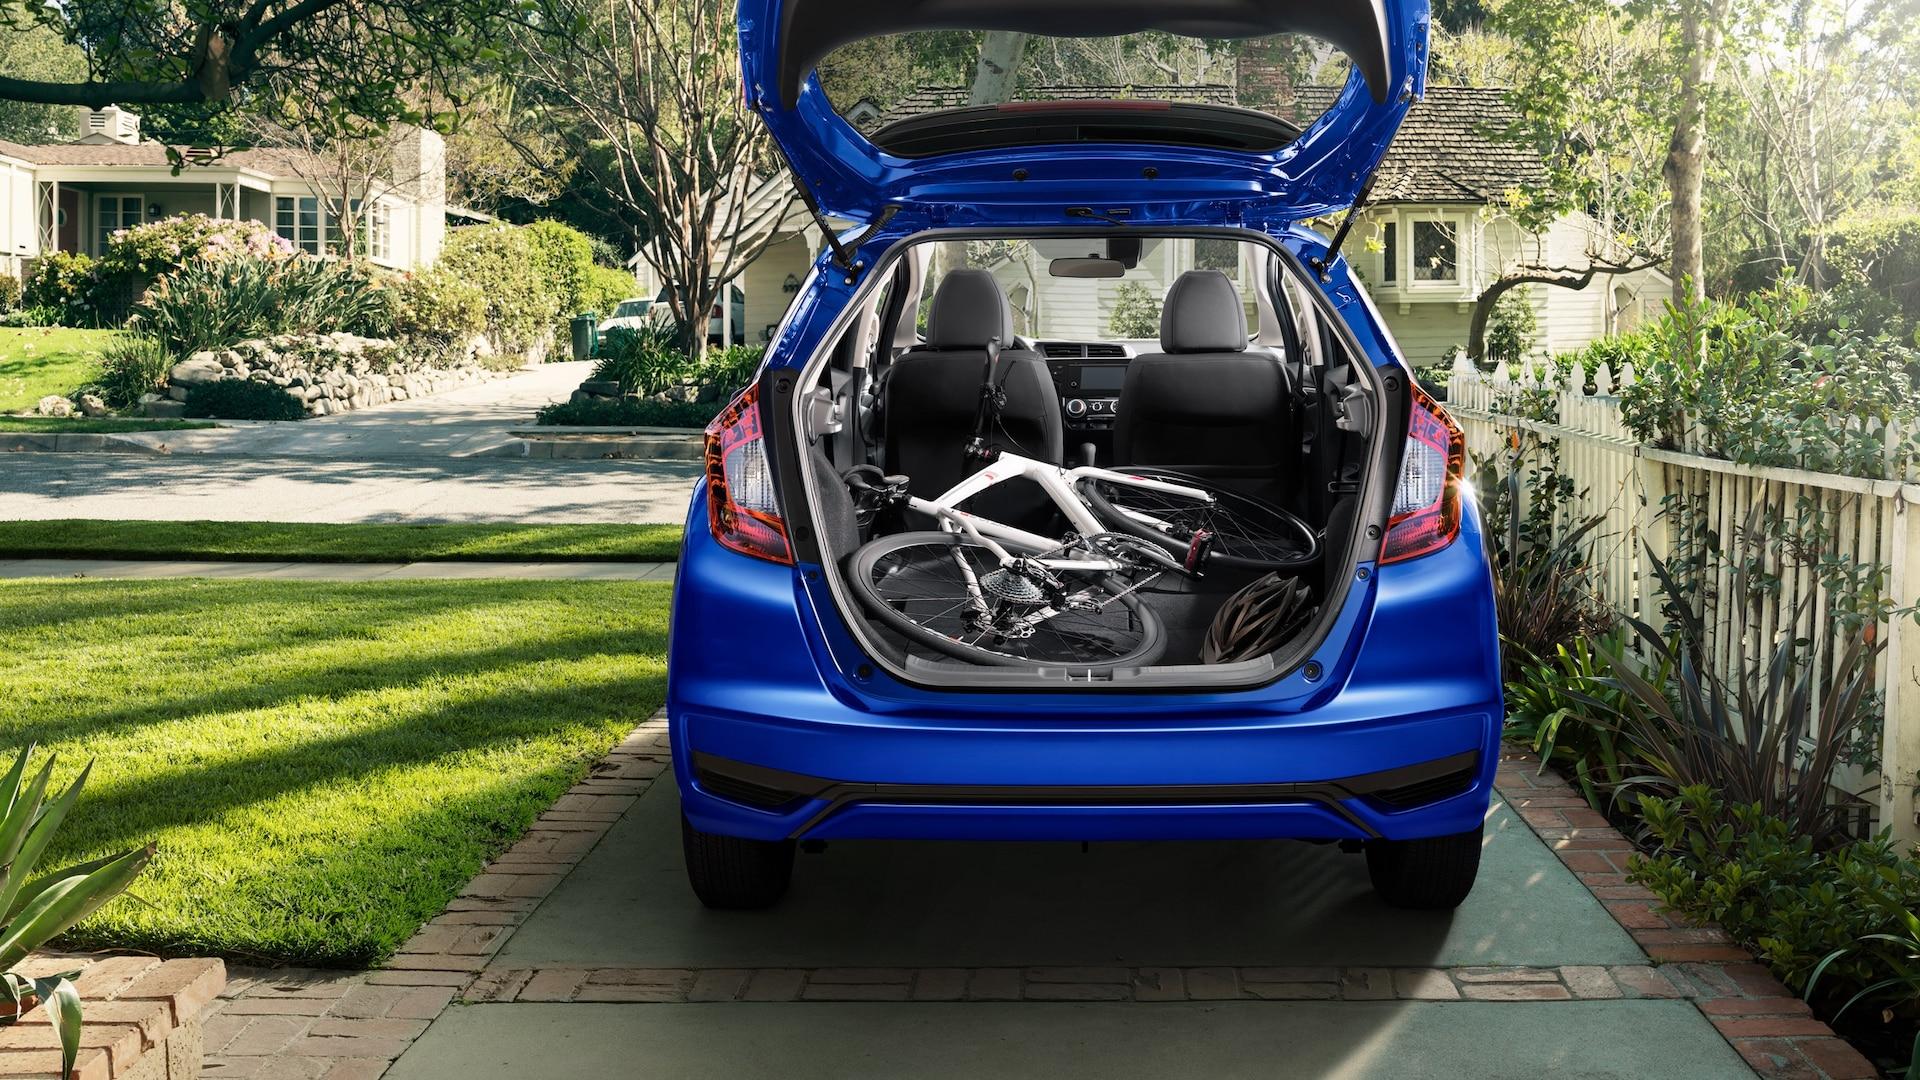 Vista trasera exterior del Honda Fit EX-L2020 en Aegean Blue Metallic con la puerta levadiza abierta y una bicicleta en el área de carga.